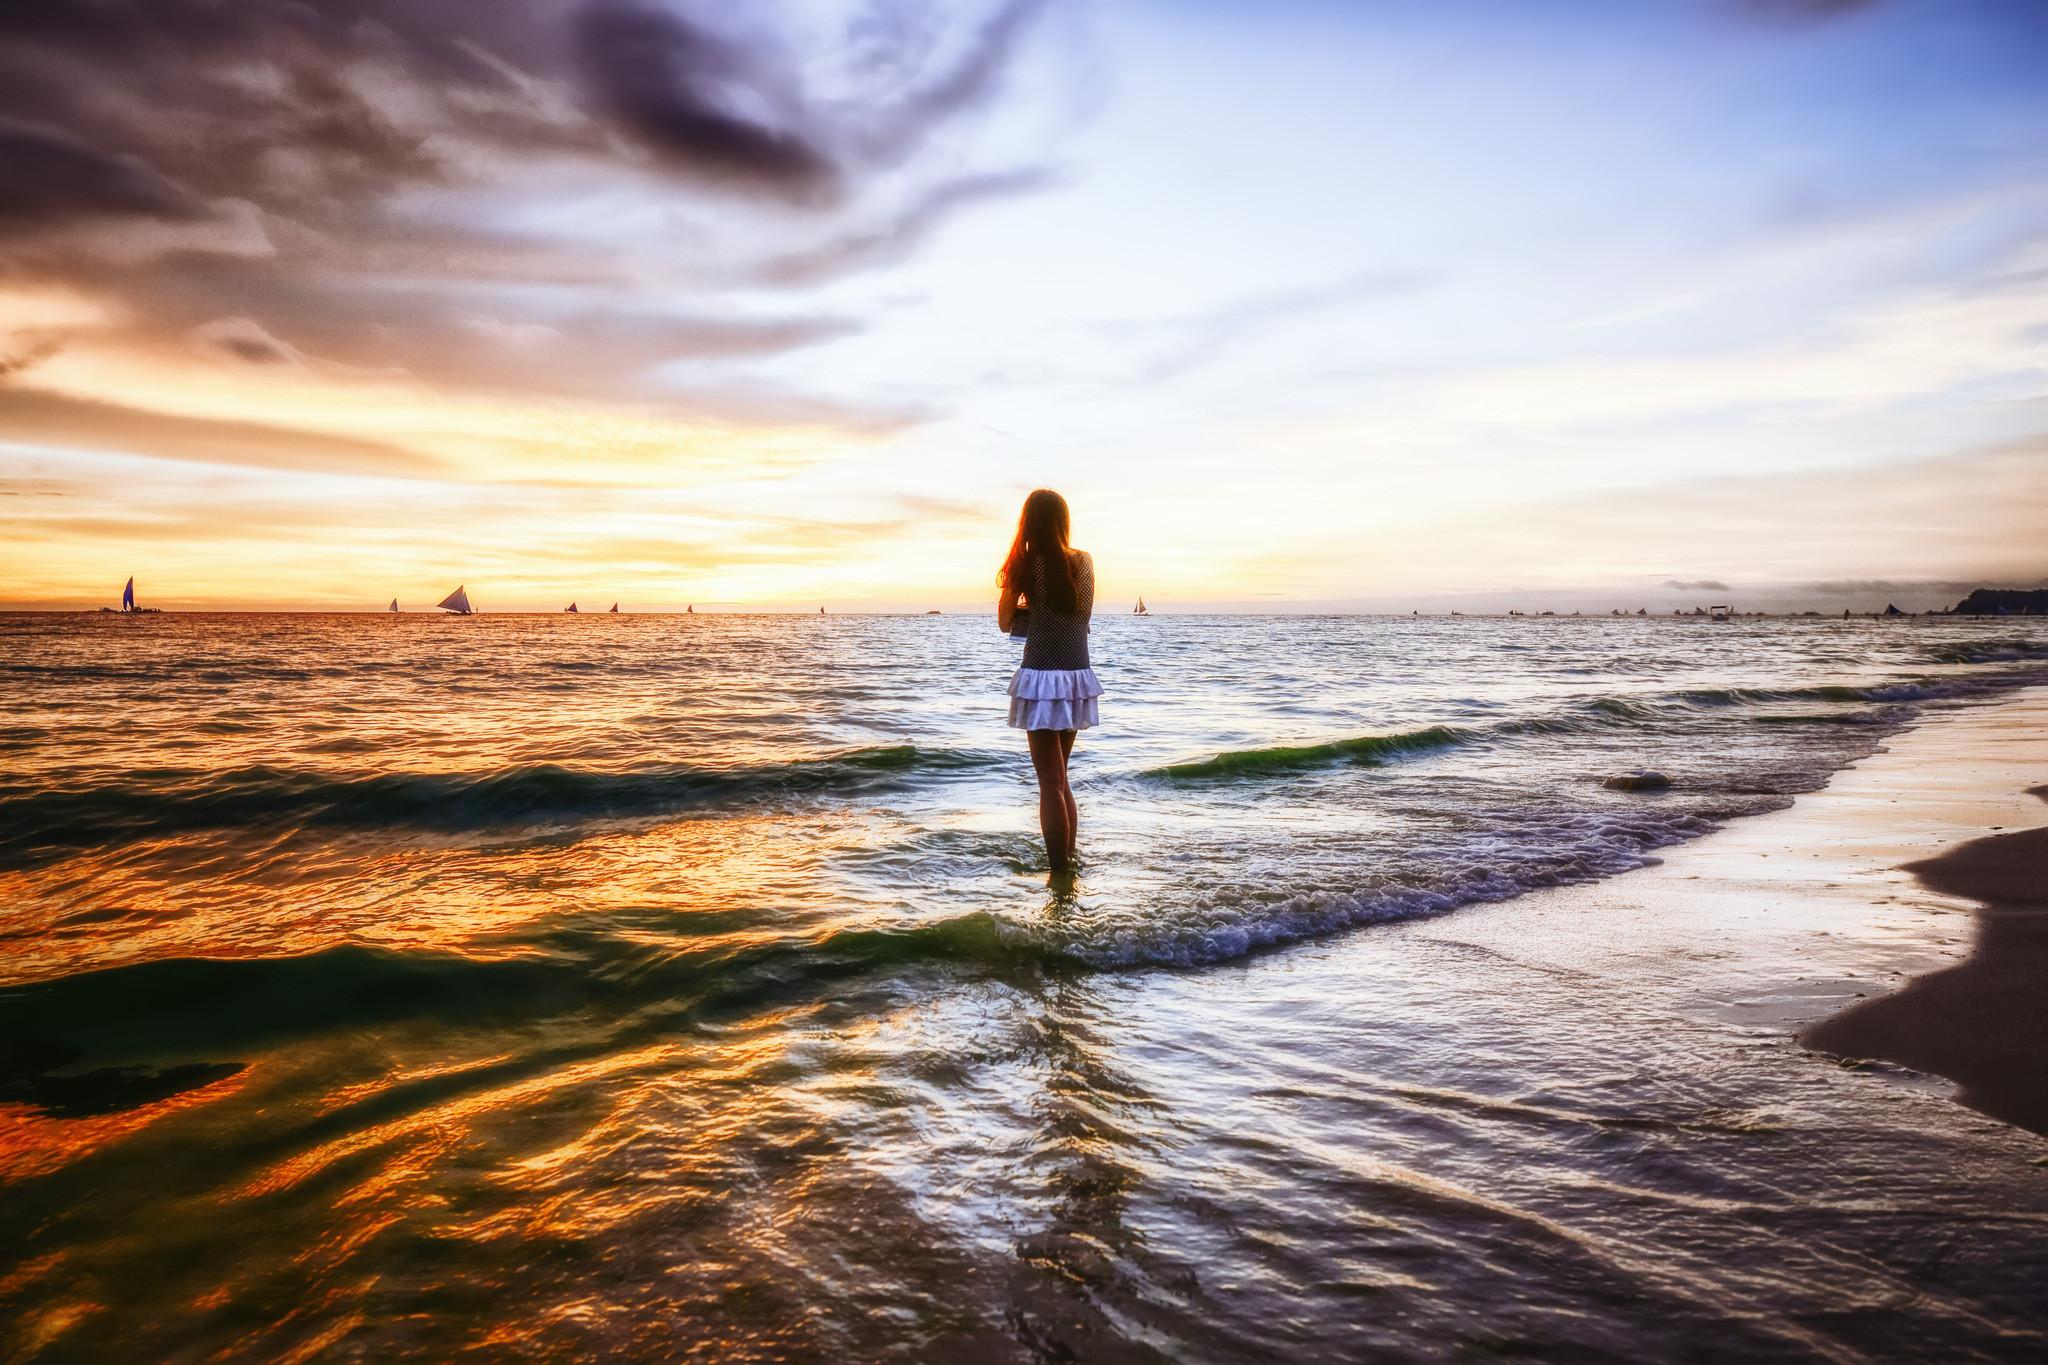 菲律宾长滩岛, 大海